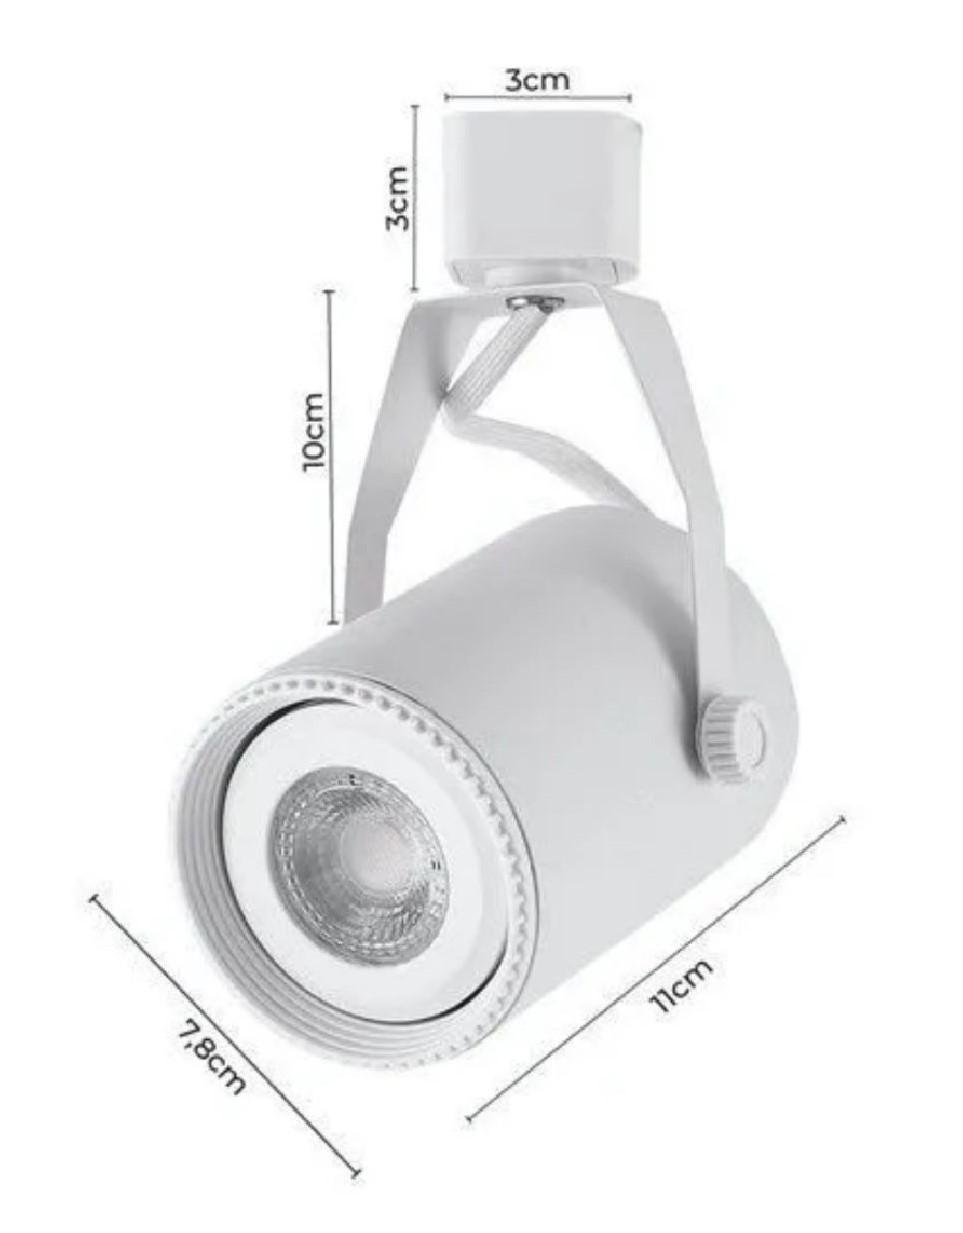 Kit Trilho Eletrificado 2m Branco Lille Nordecor + 4 Spot Par20 + Lâmp. Led Luz Quente